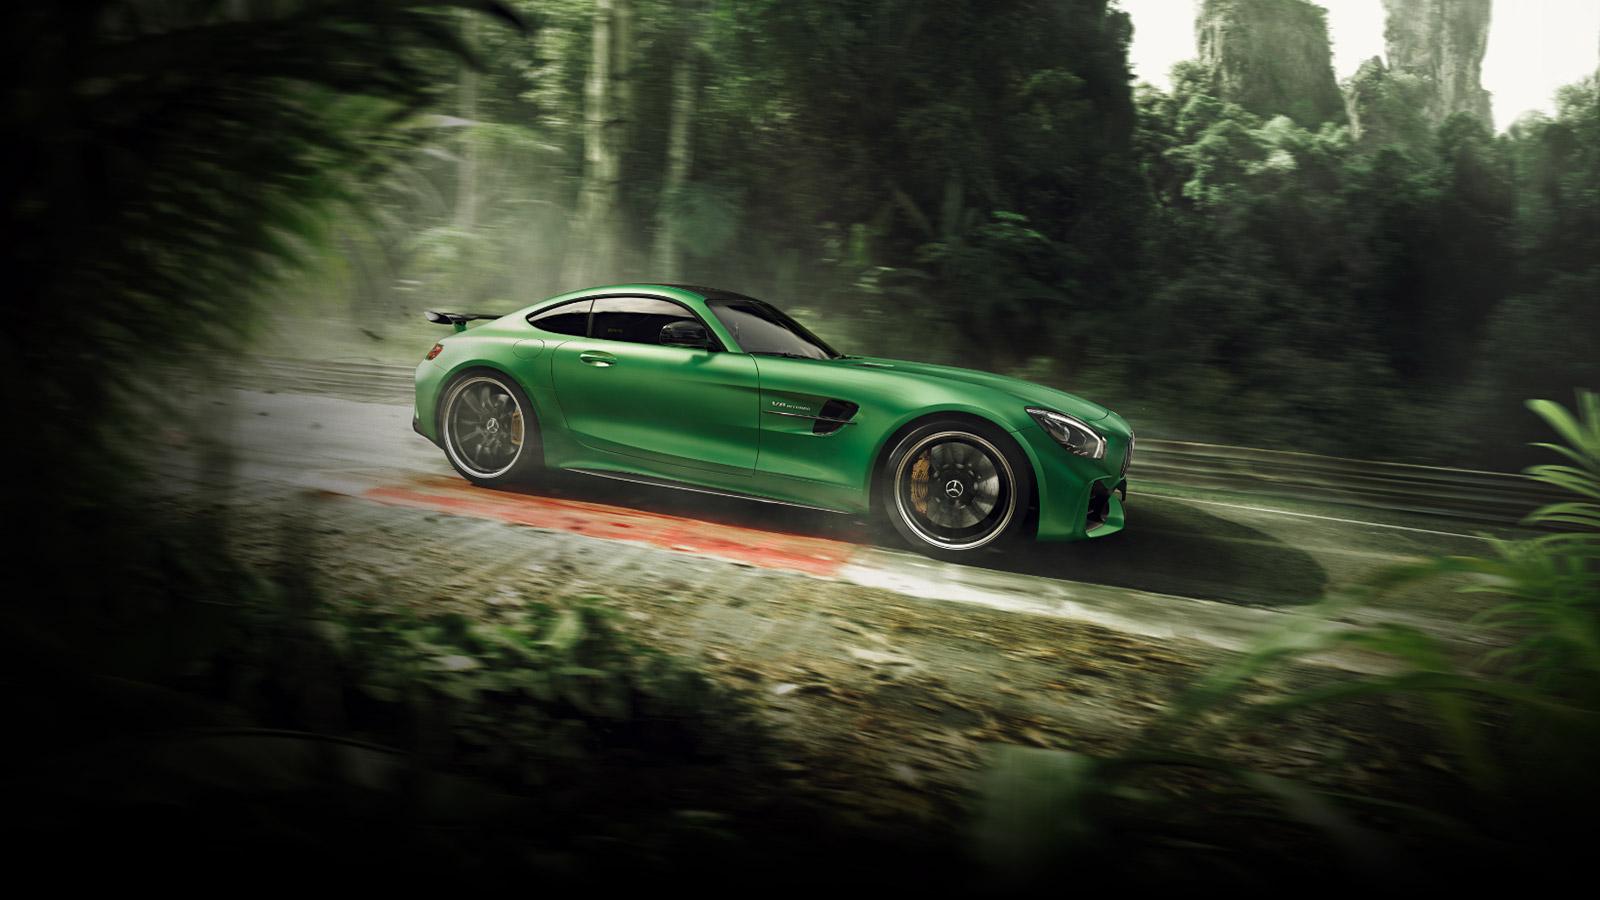 AMG Green Machine